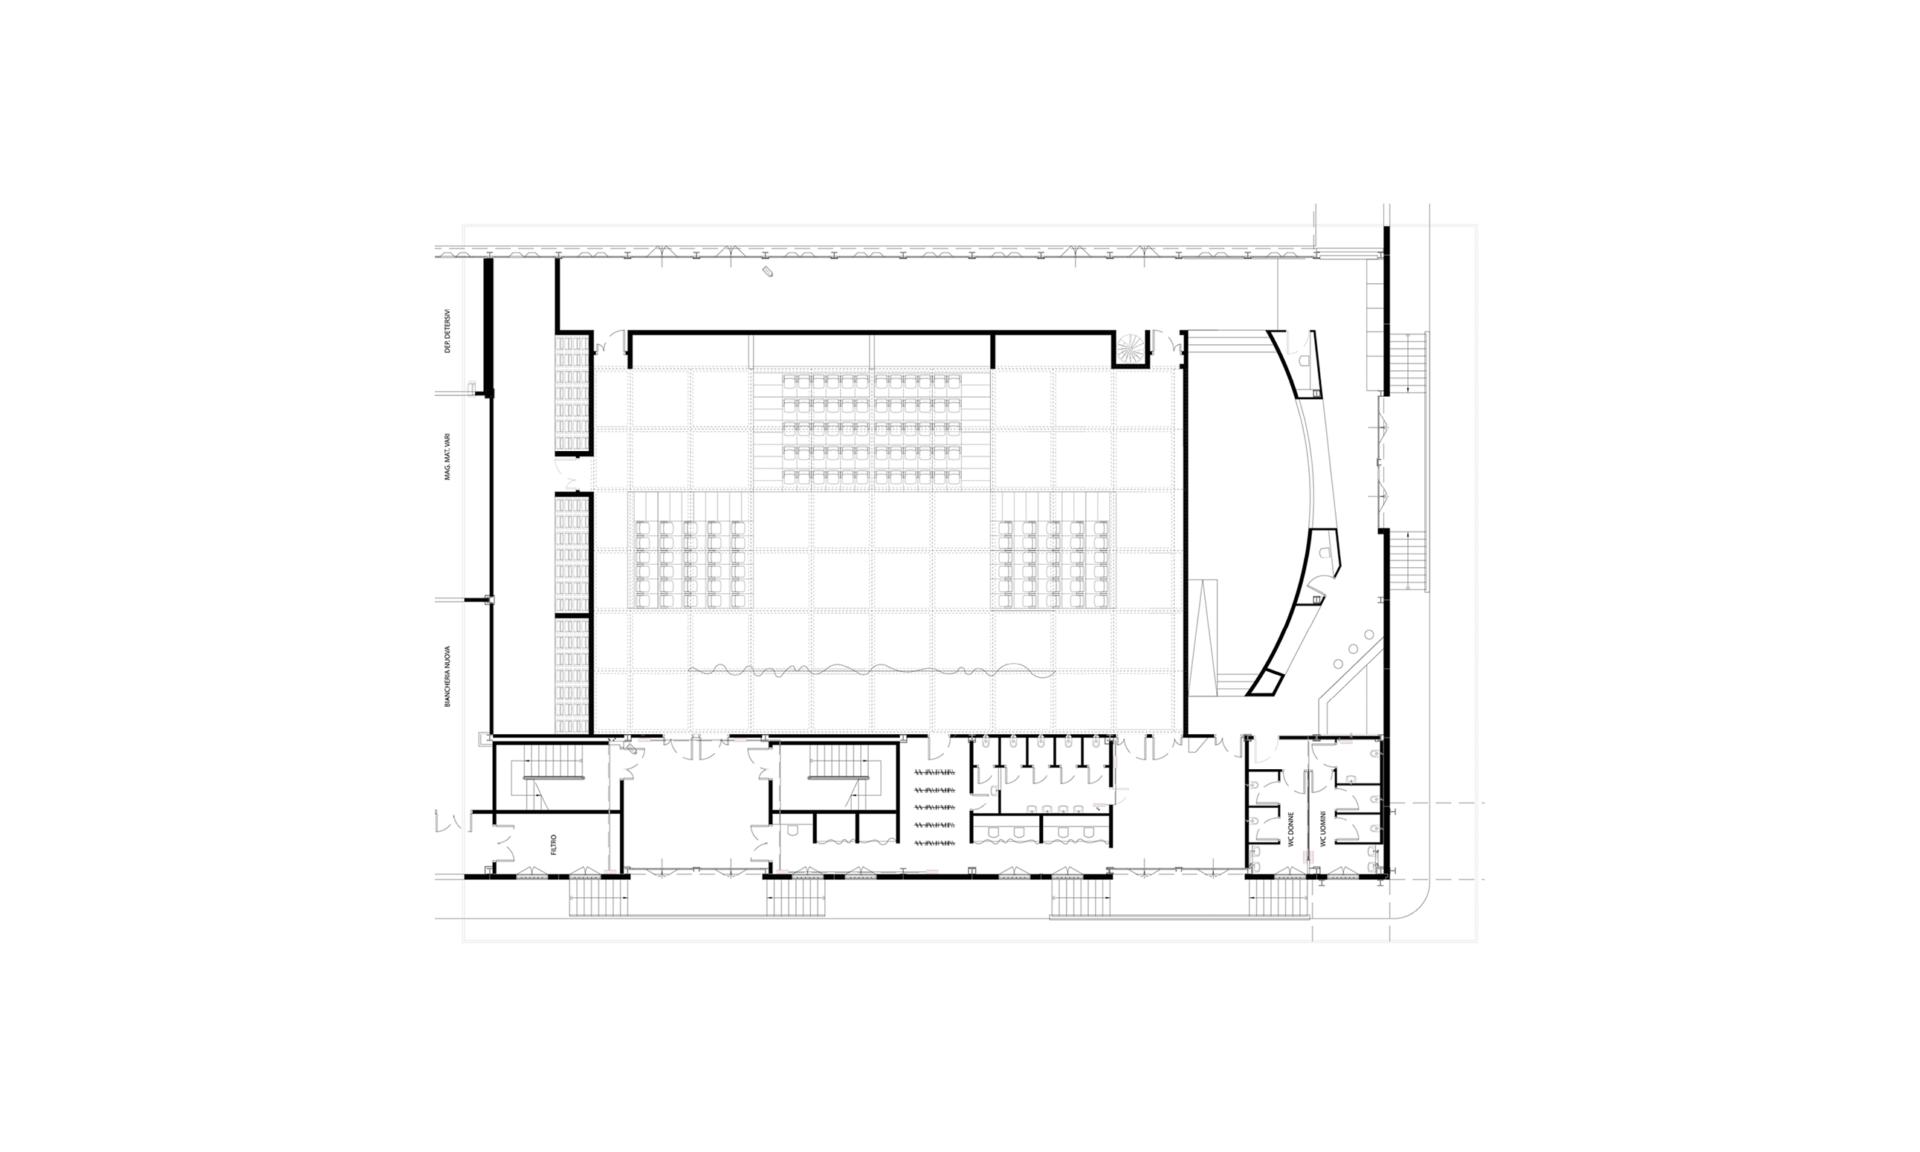 contatto - un teatro nel carcere - Lecce